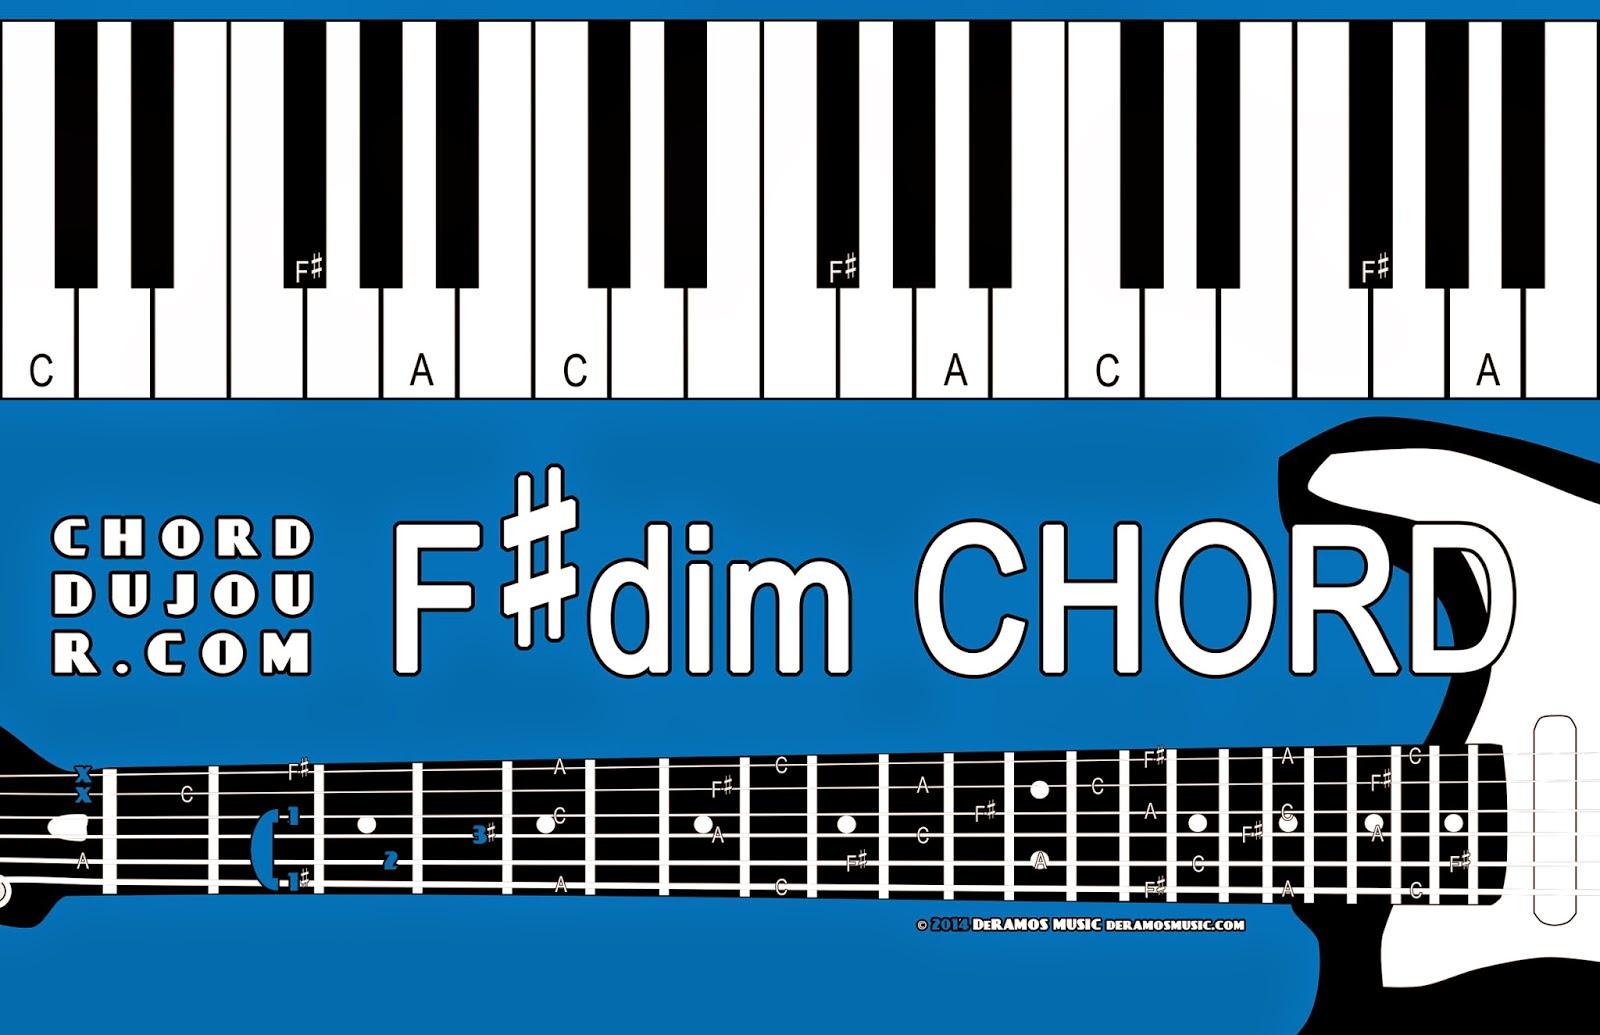 Chord Du Jour Chord Deux Jour Challenge Fdim And Gmaj7